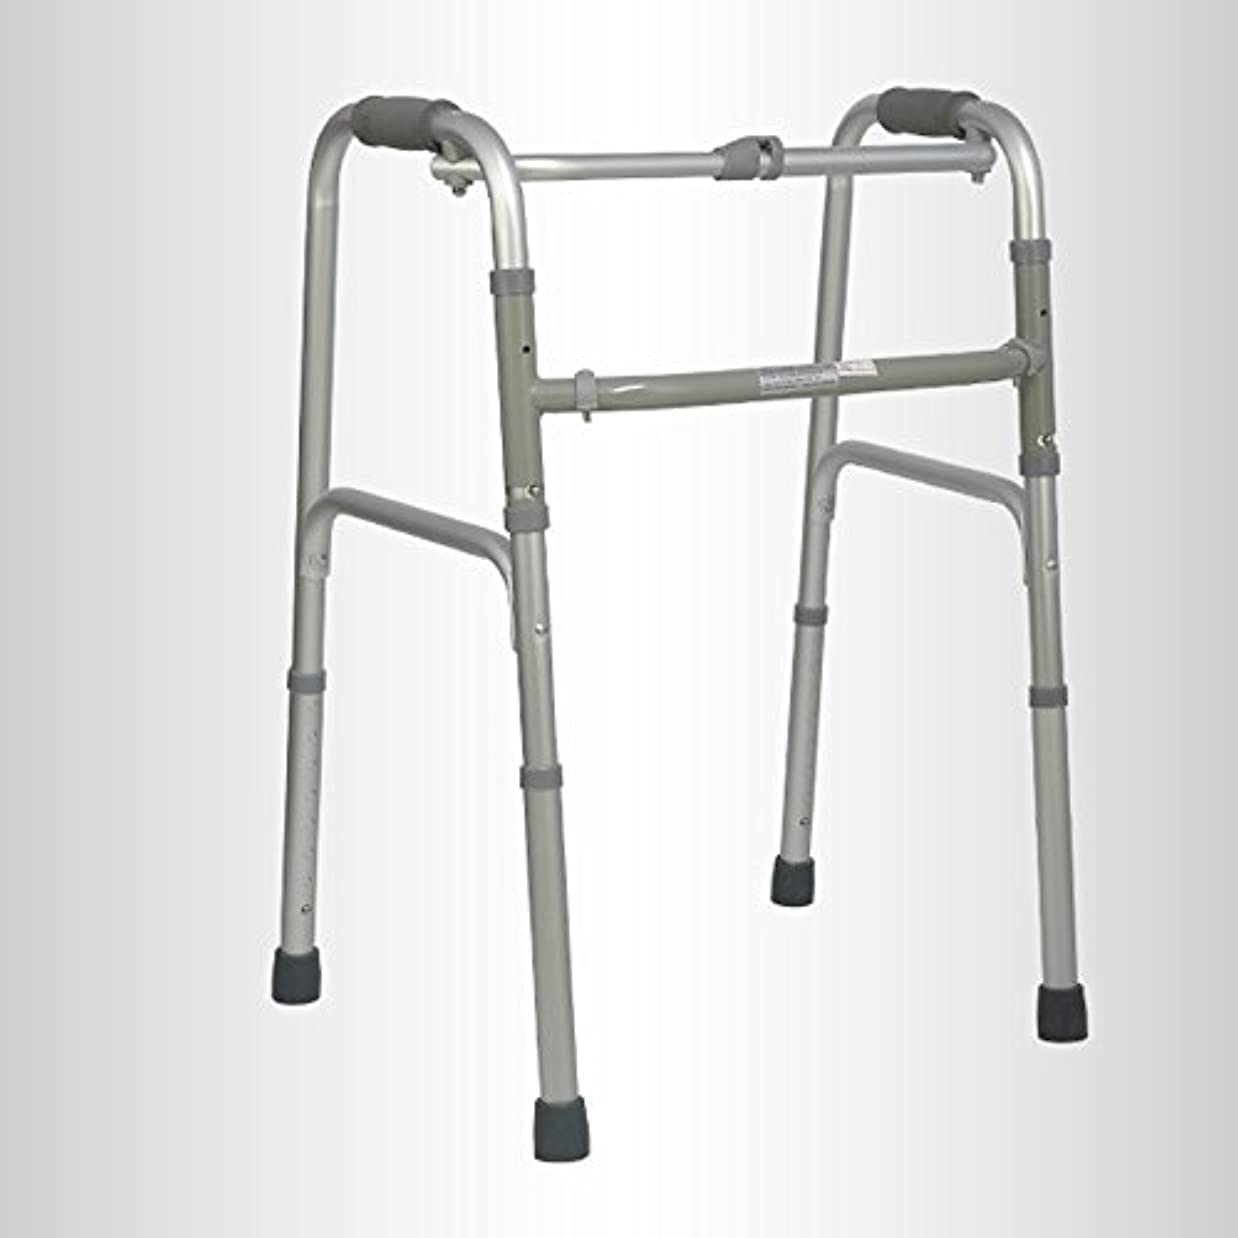 カレンダーフォルダ固めるQFFL 松葉杖高齢者アルミニウム松葉杖滑り止め無しポータブル折りたたみ四足松葉杖2色使用可能 松葉杖ウォーカー (色 : B)